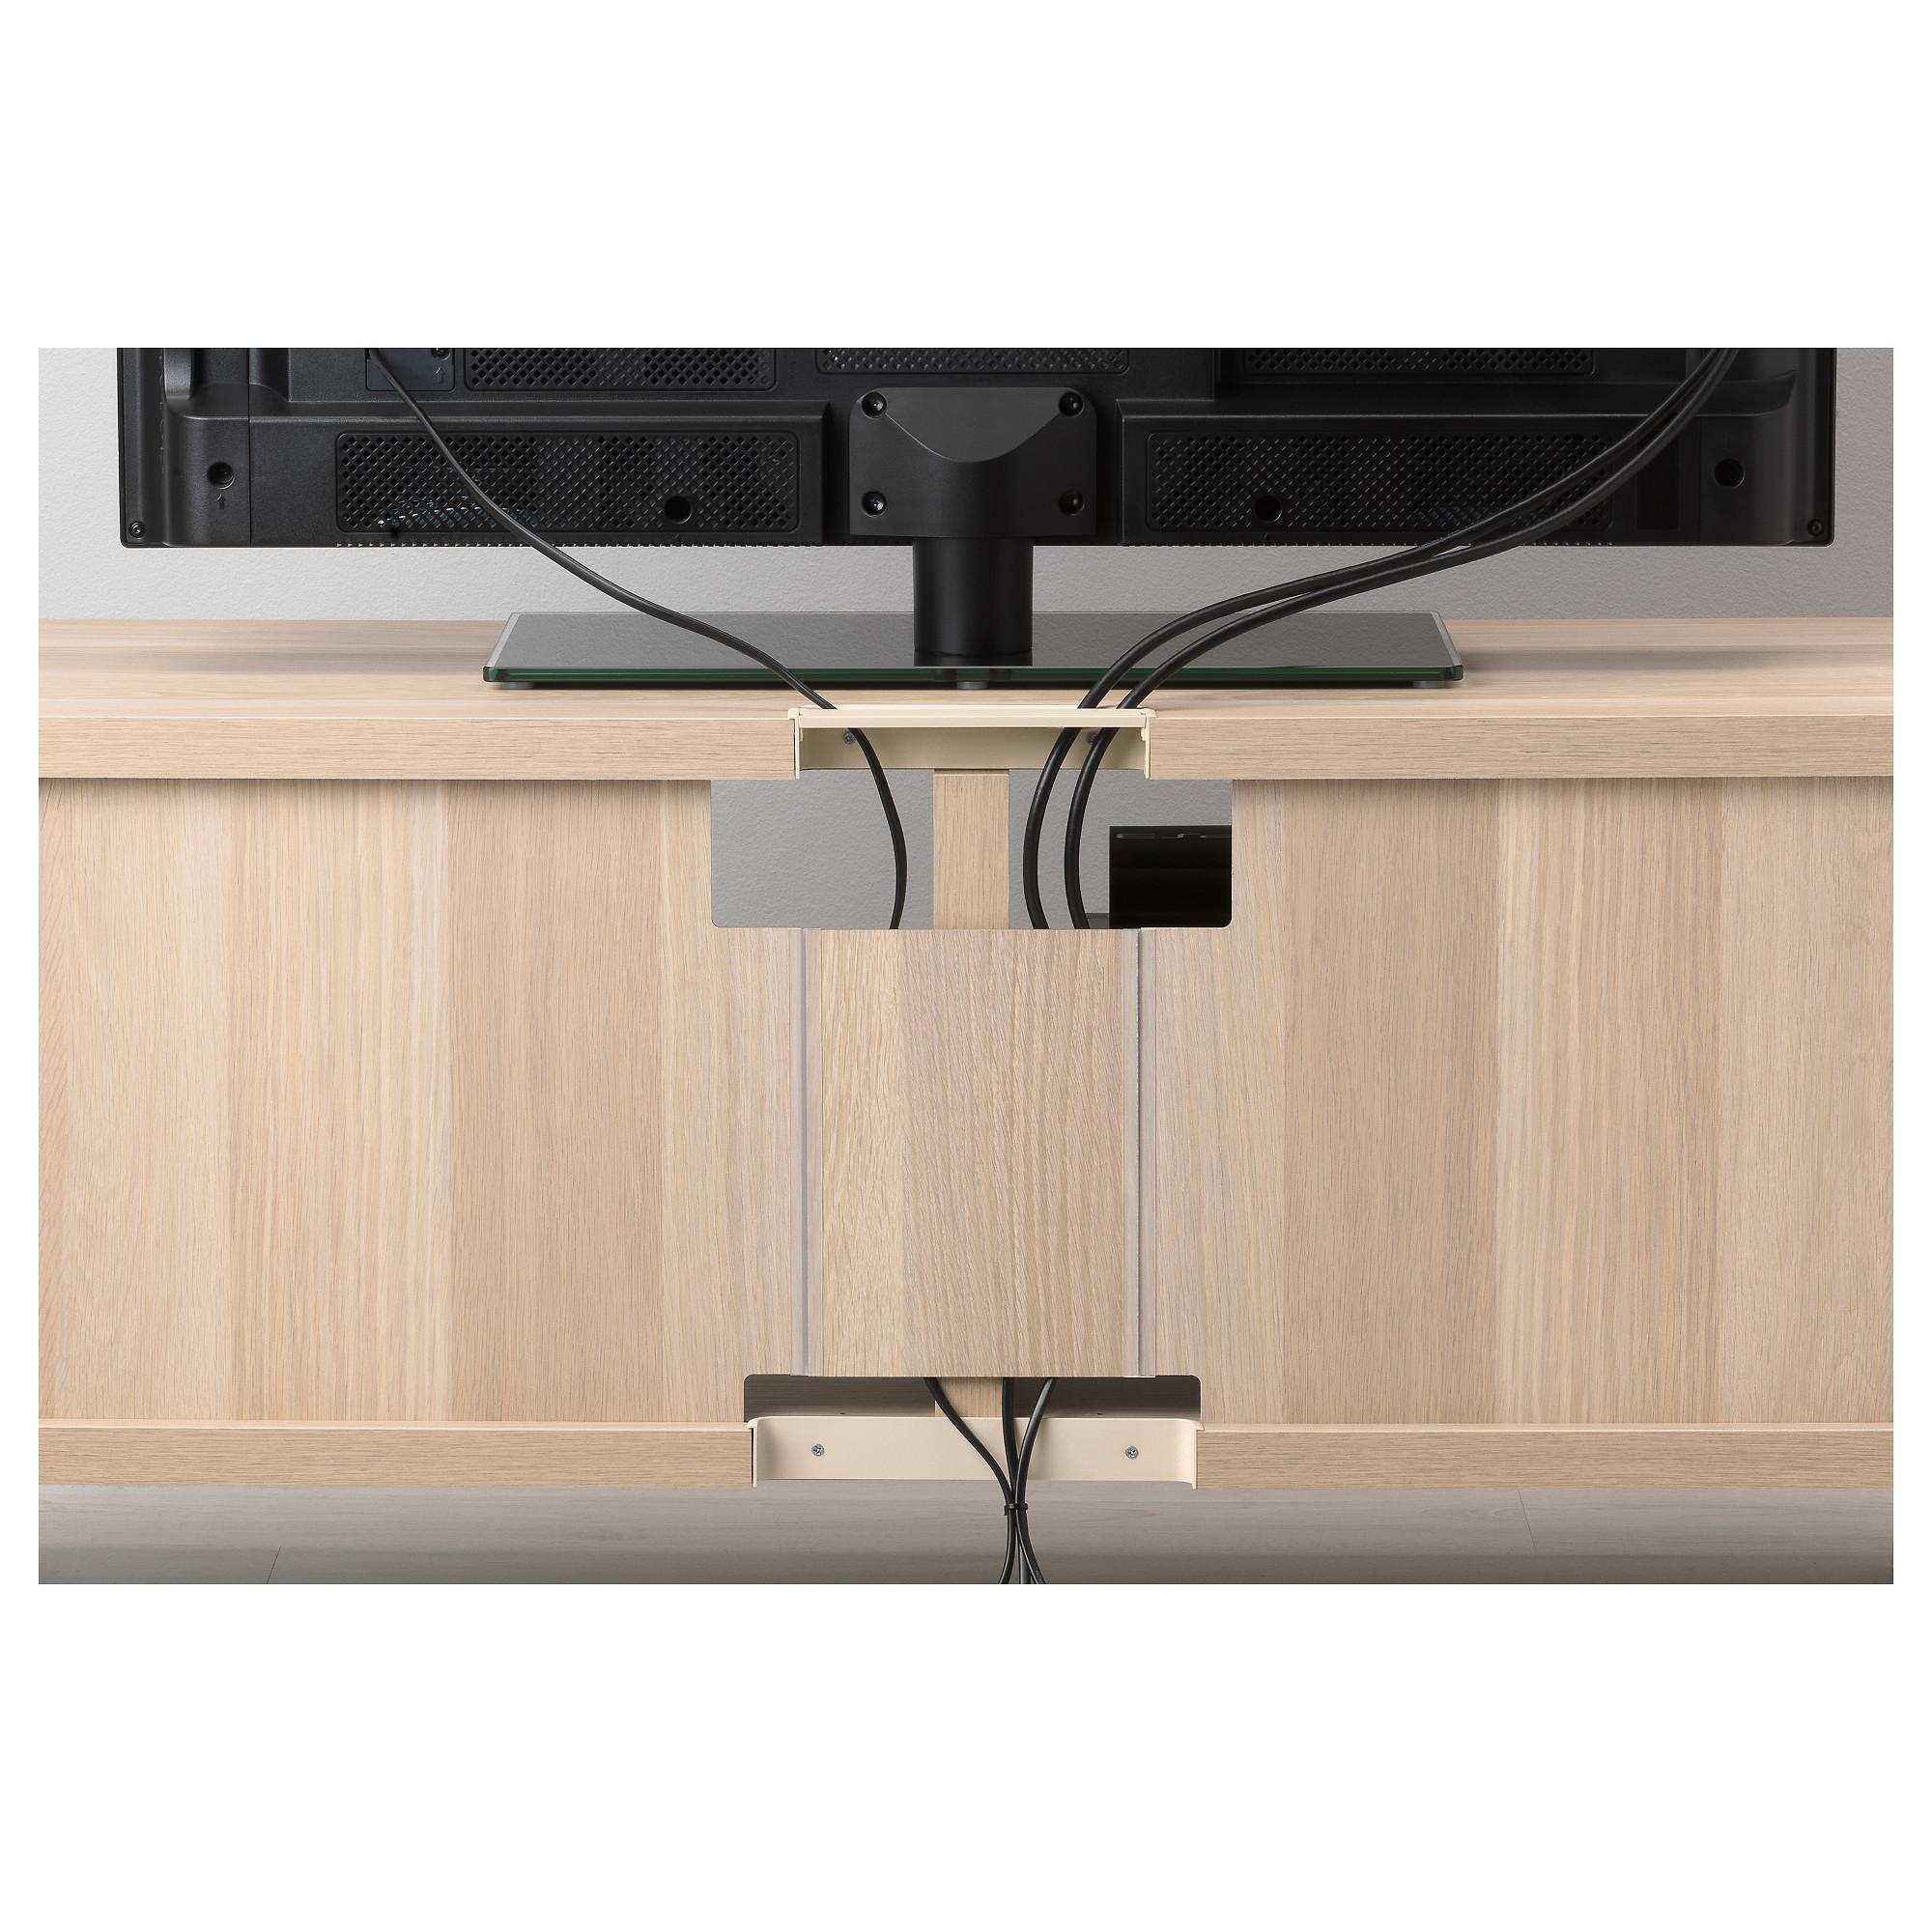 Шкаф для ТВ, комбинация БЕСТО черно-коричневый артикуль № 692.514.30 в наличии. Online сайт IKEA Минск. Быстрая доставка и установка.